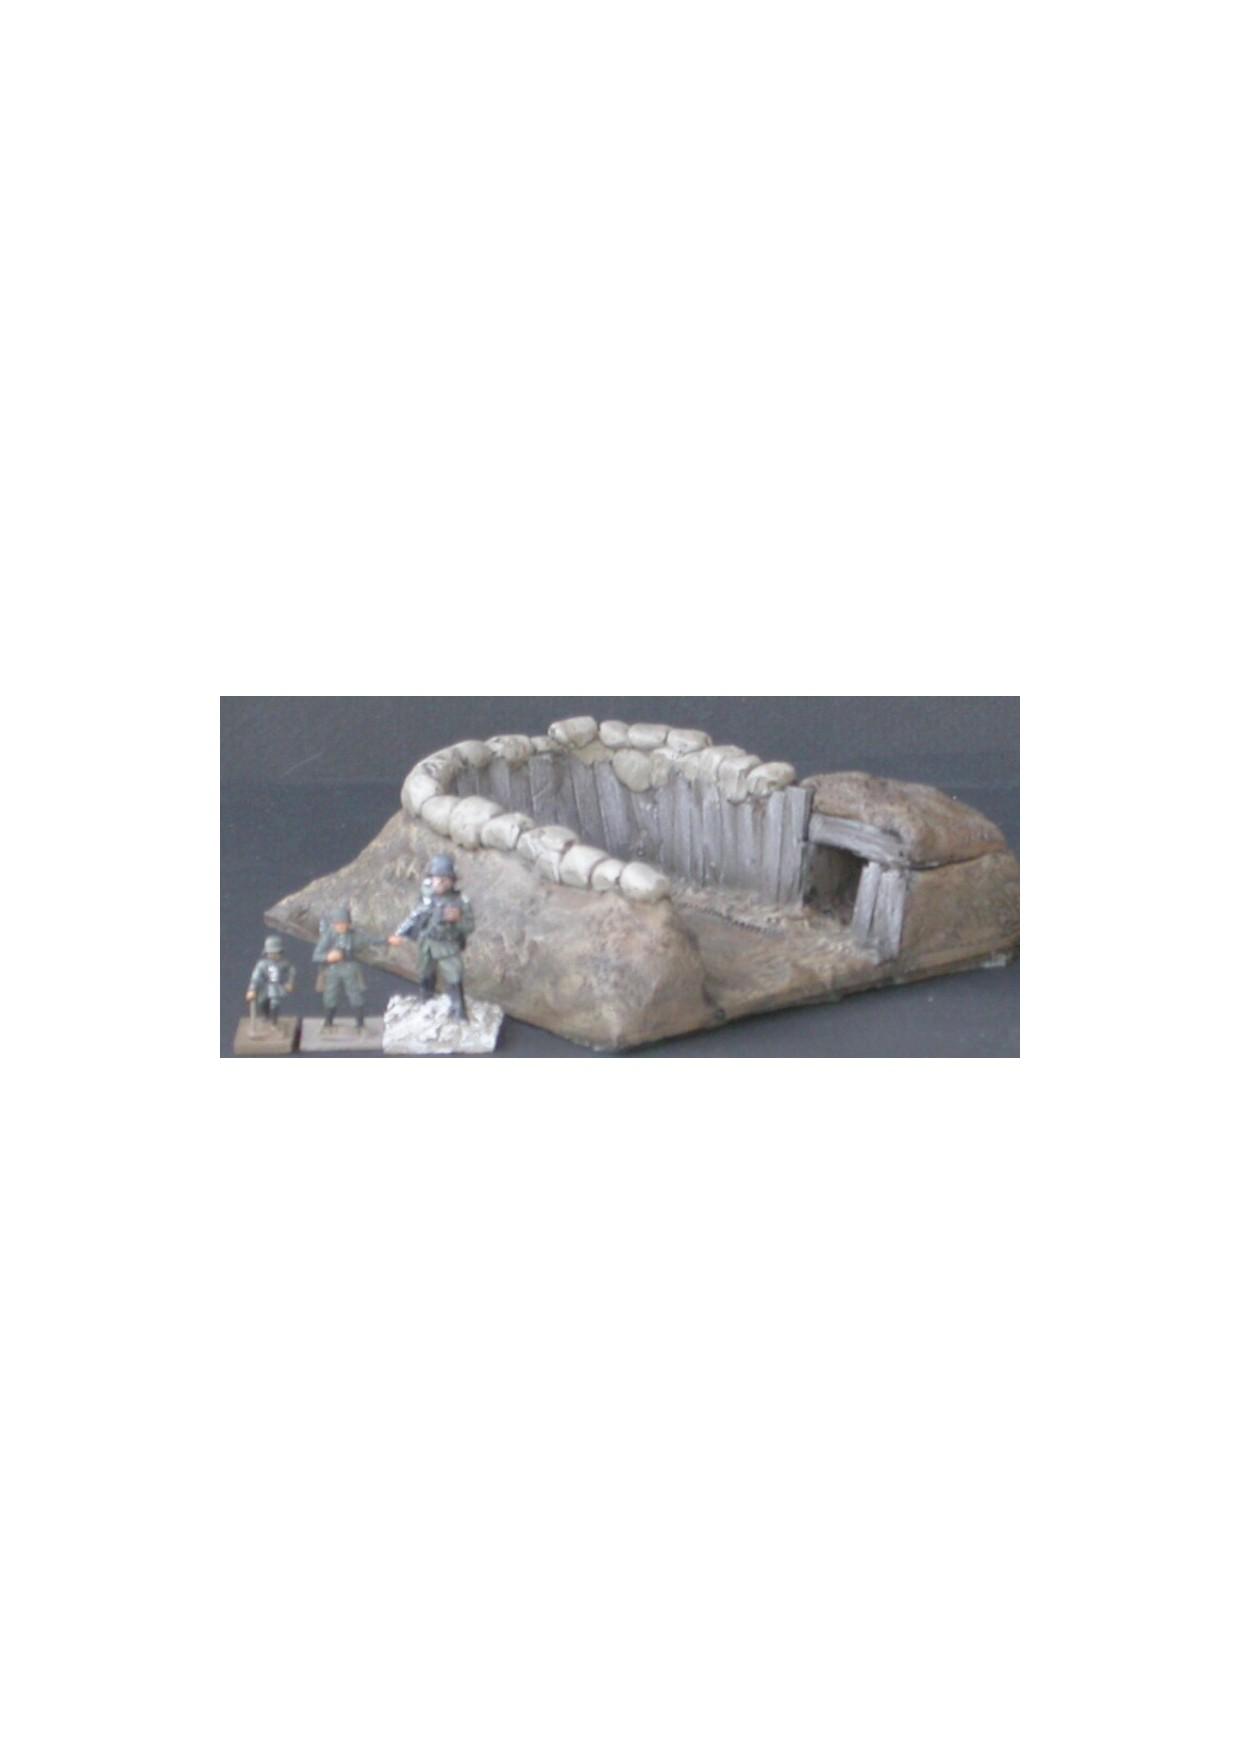 MOD1 Position de tir pour char